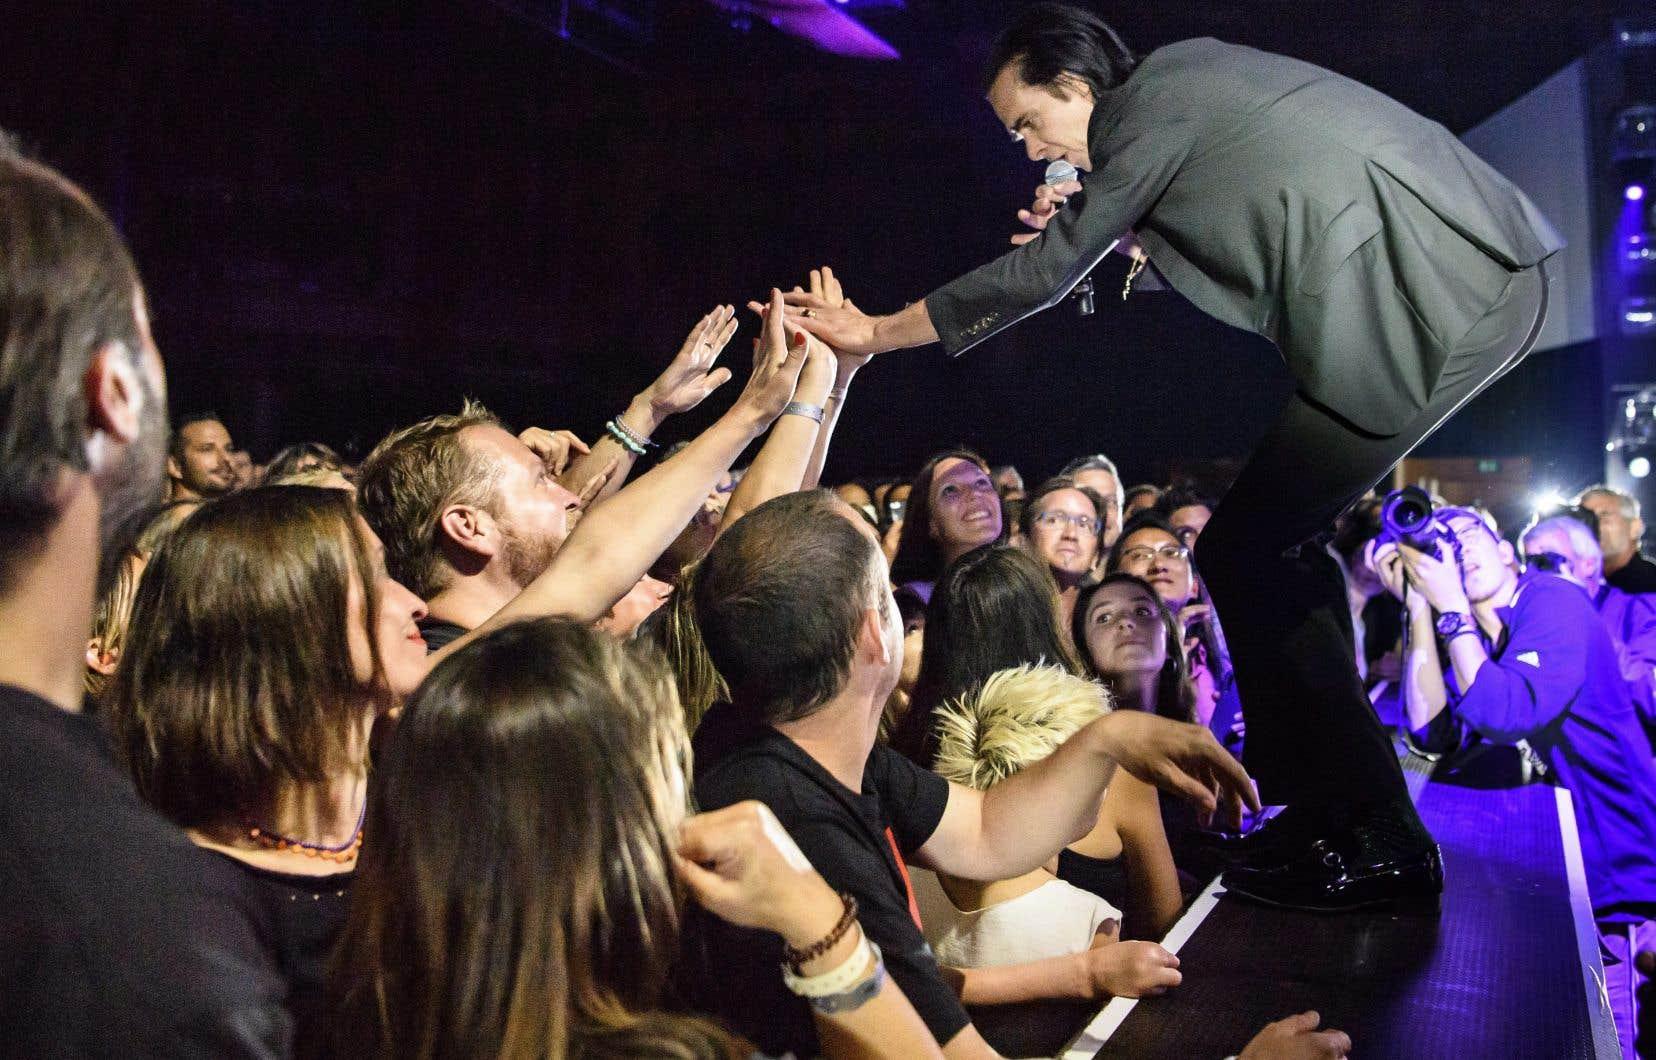 On connaissait Nick Cave (sur la photo au Montreux Jazz Festival 2018), l'interprète doué et magnétique, il s'est hier soir révélé être un tribun captivant et à l'écoute de ses fans.